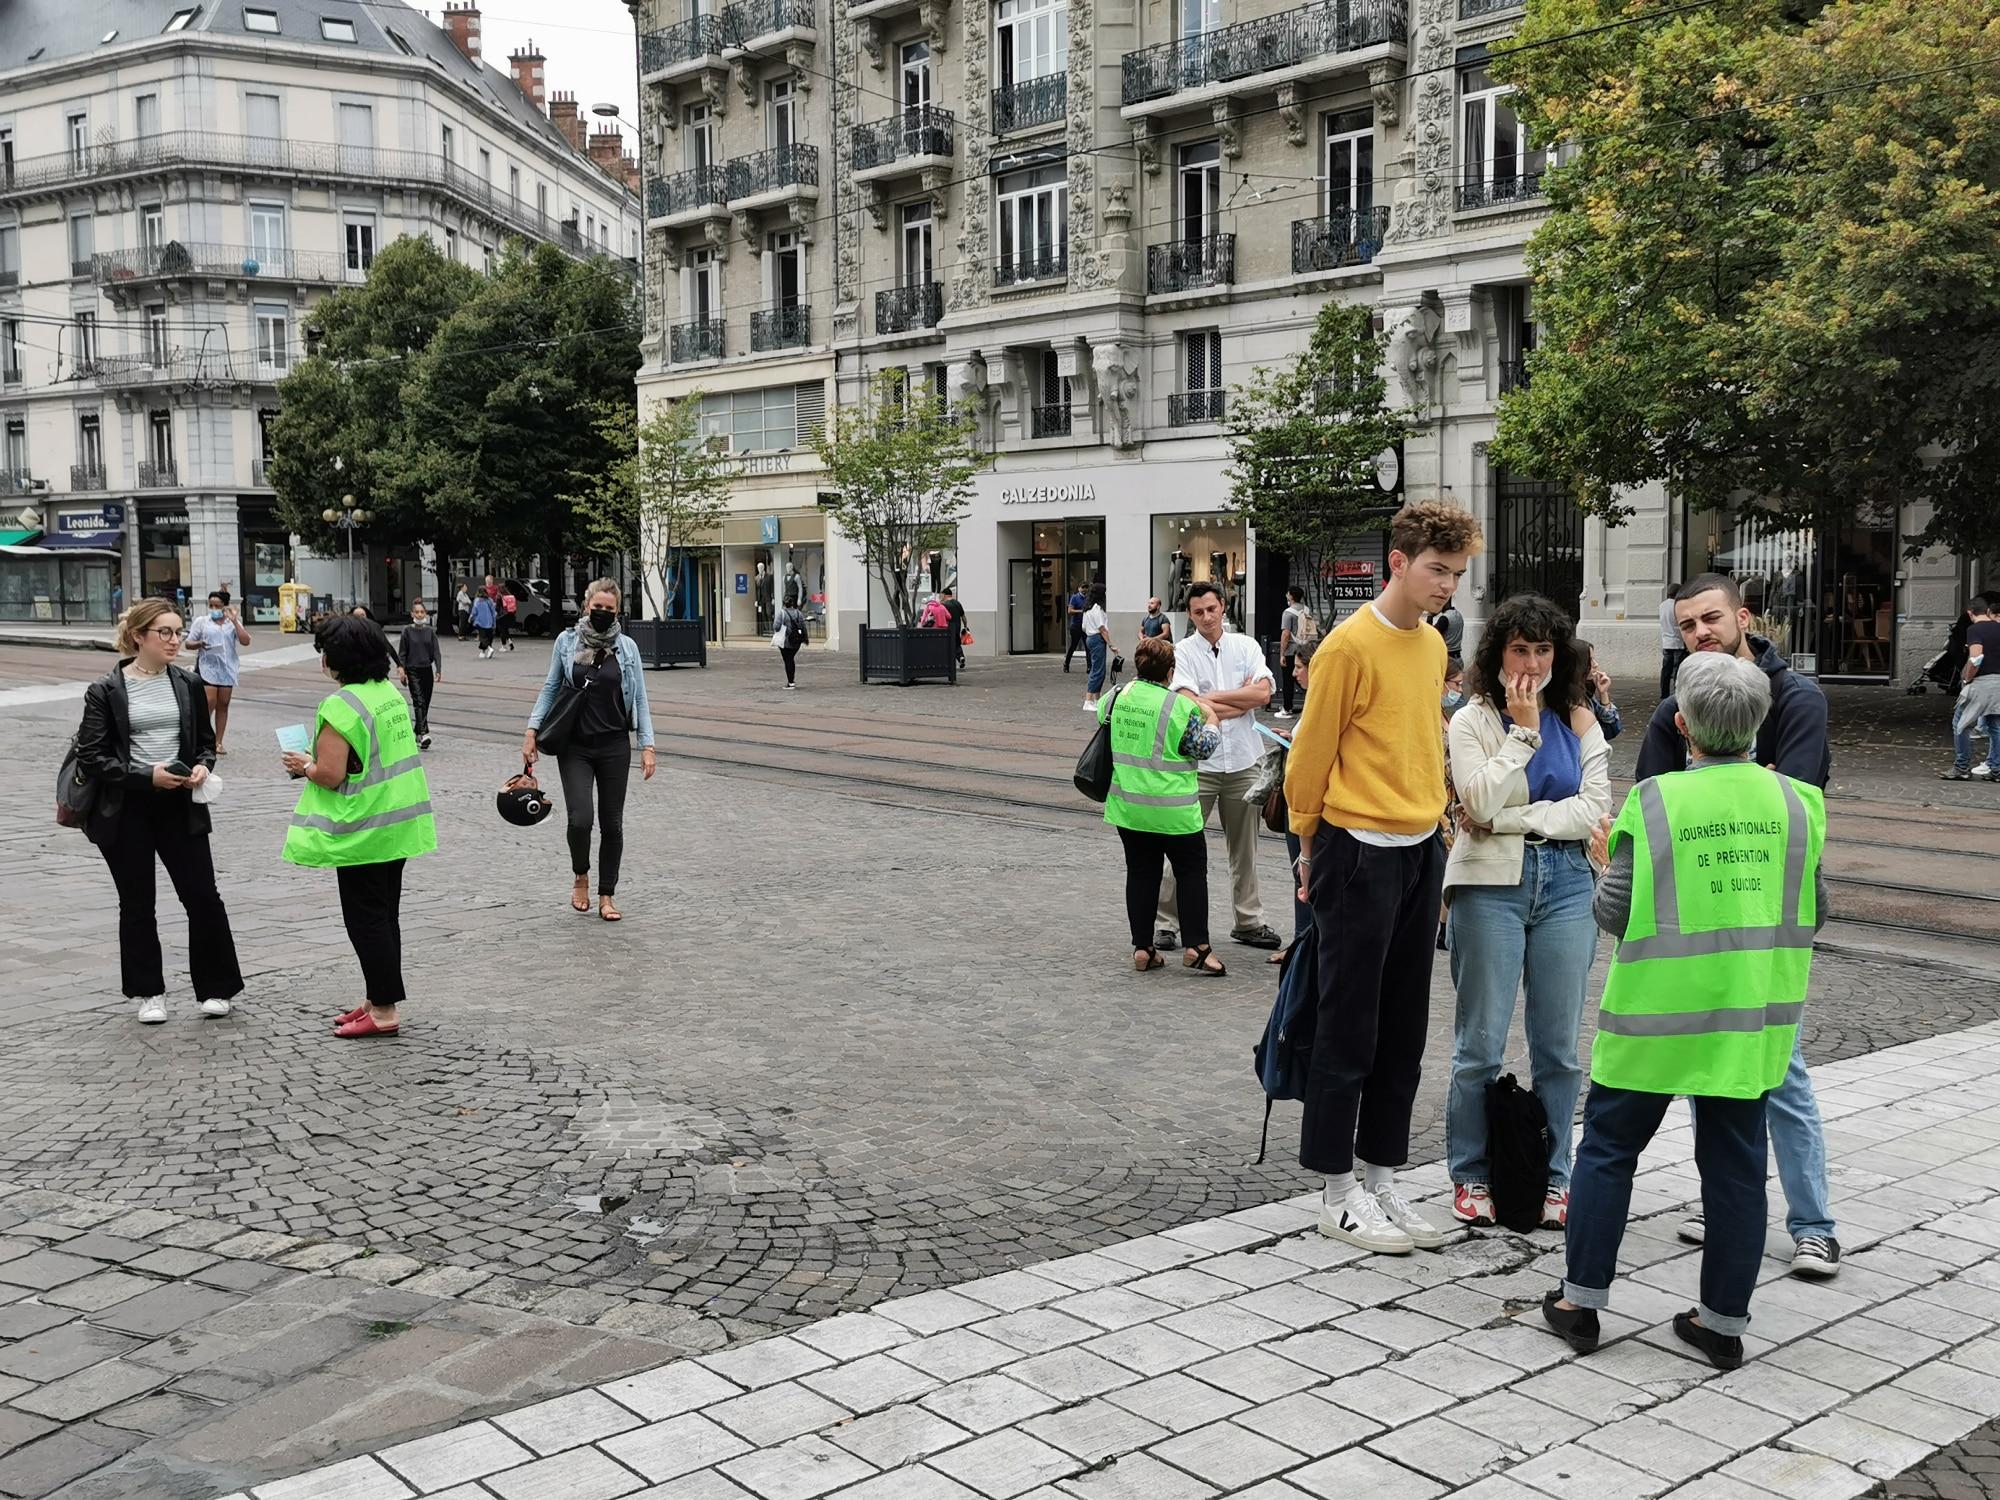 Des membres d'associations faisant partie du Collectif isérois pour la prévention du suicide à la rencontre des passants ce vendredi 10 septembre 2020, rue Félix-Poulat. © Joël Kermabon - Place Gre'net